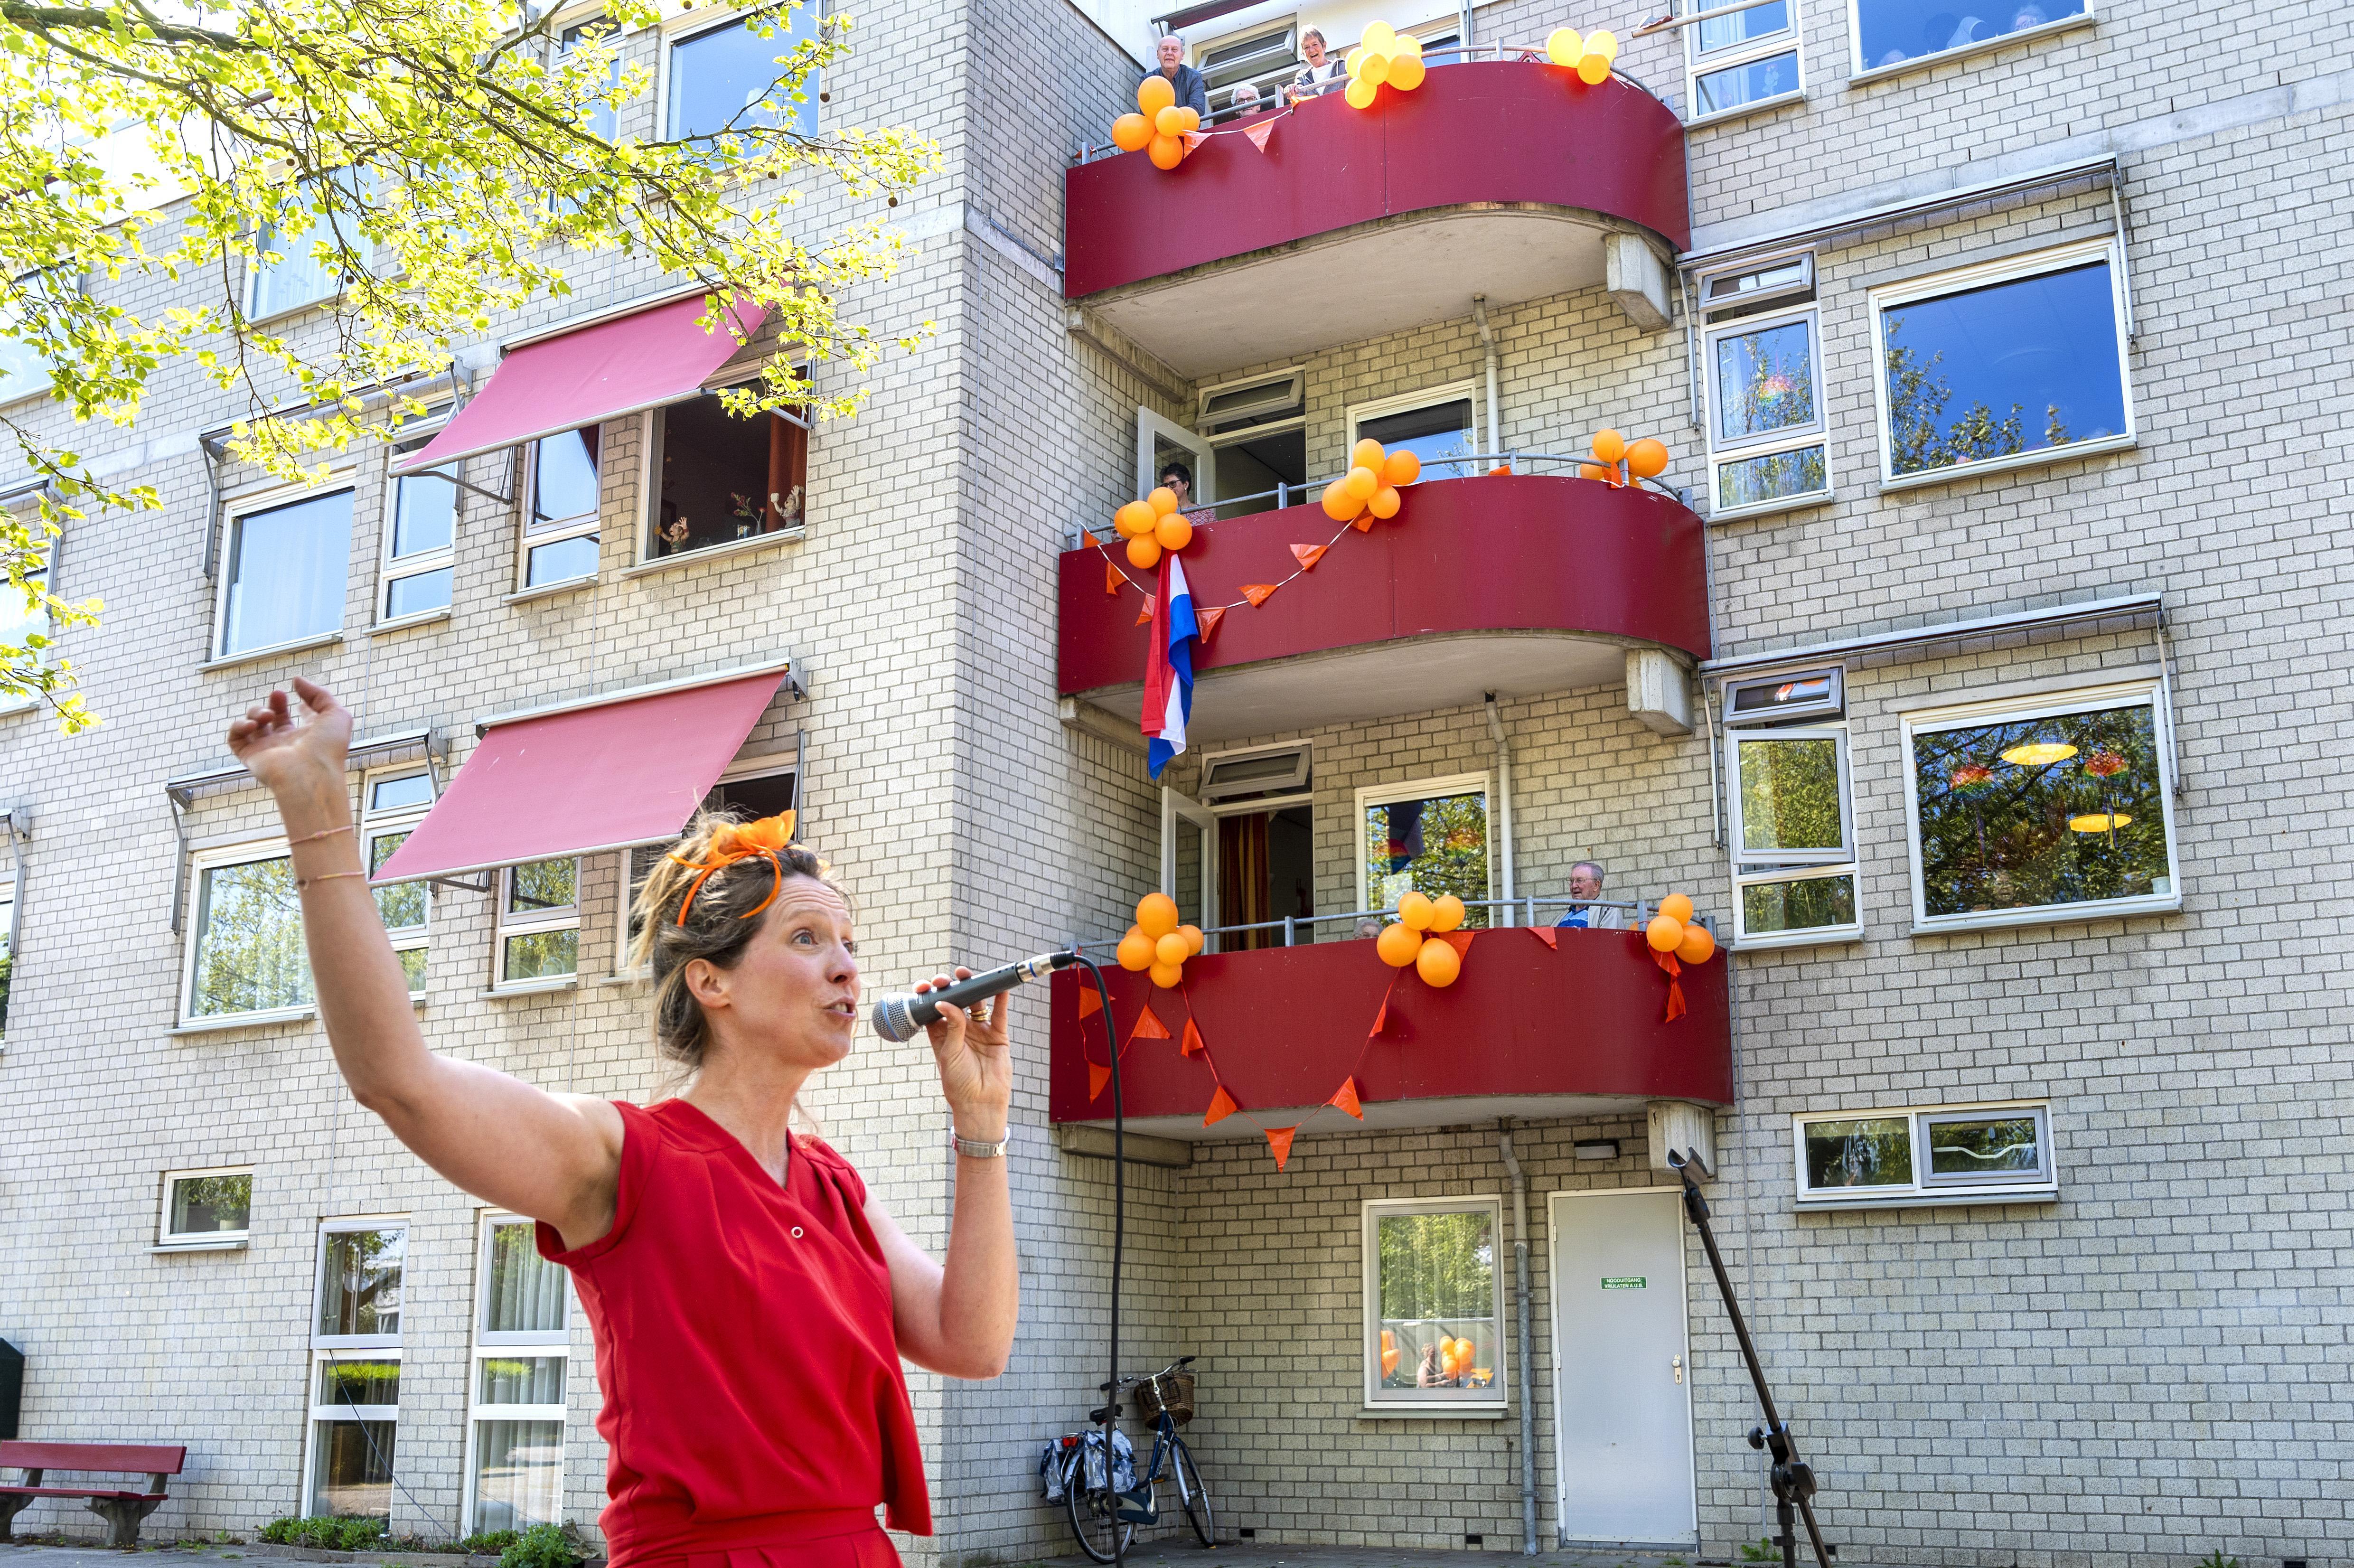 Ook in Haarlem Saamhorigheidsconcert, Marleen Bijleveld zingt bij zorgcentrum De Molenburg